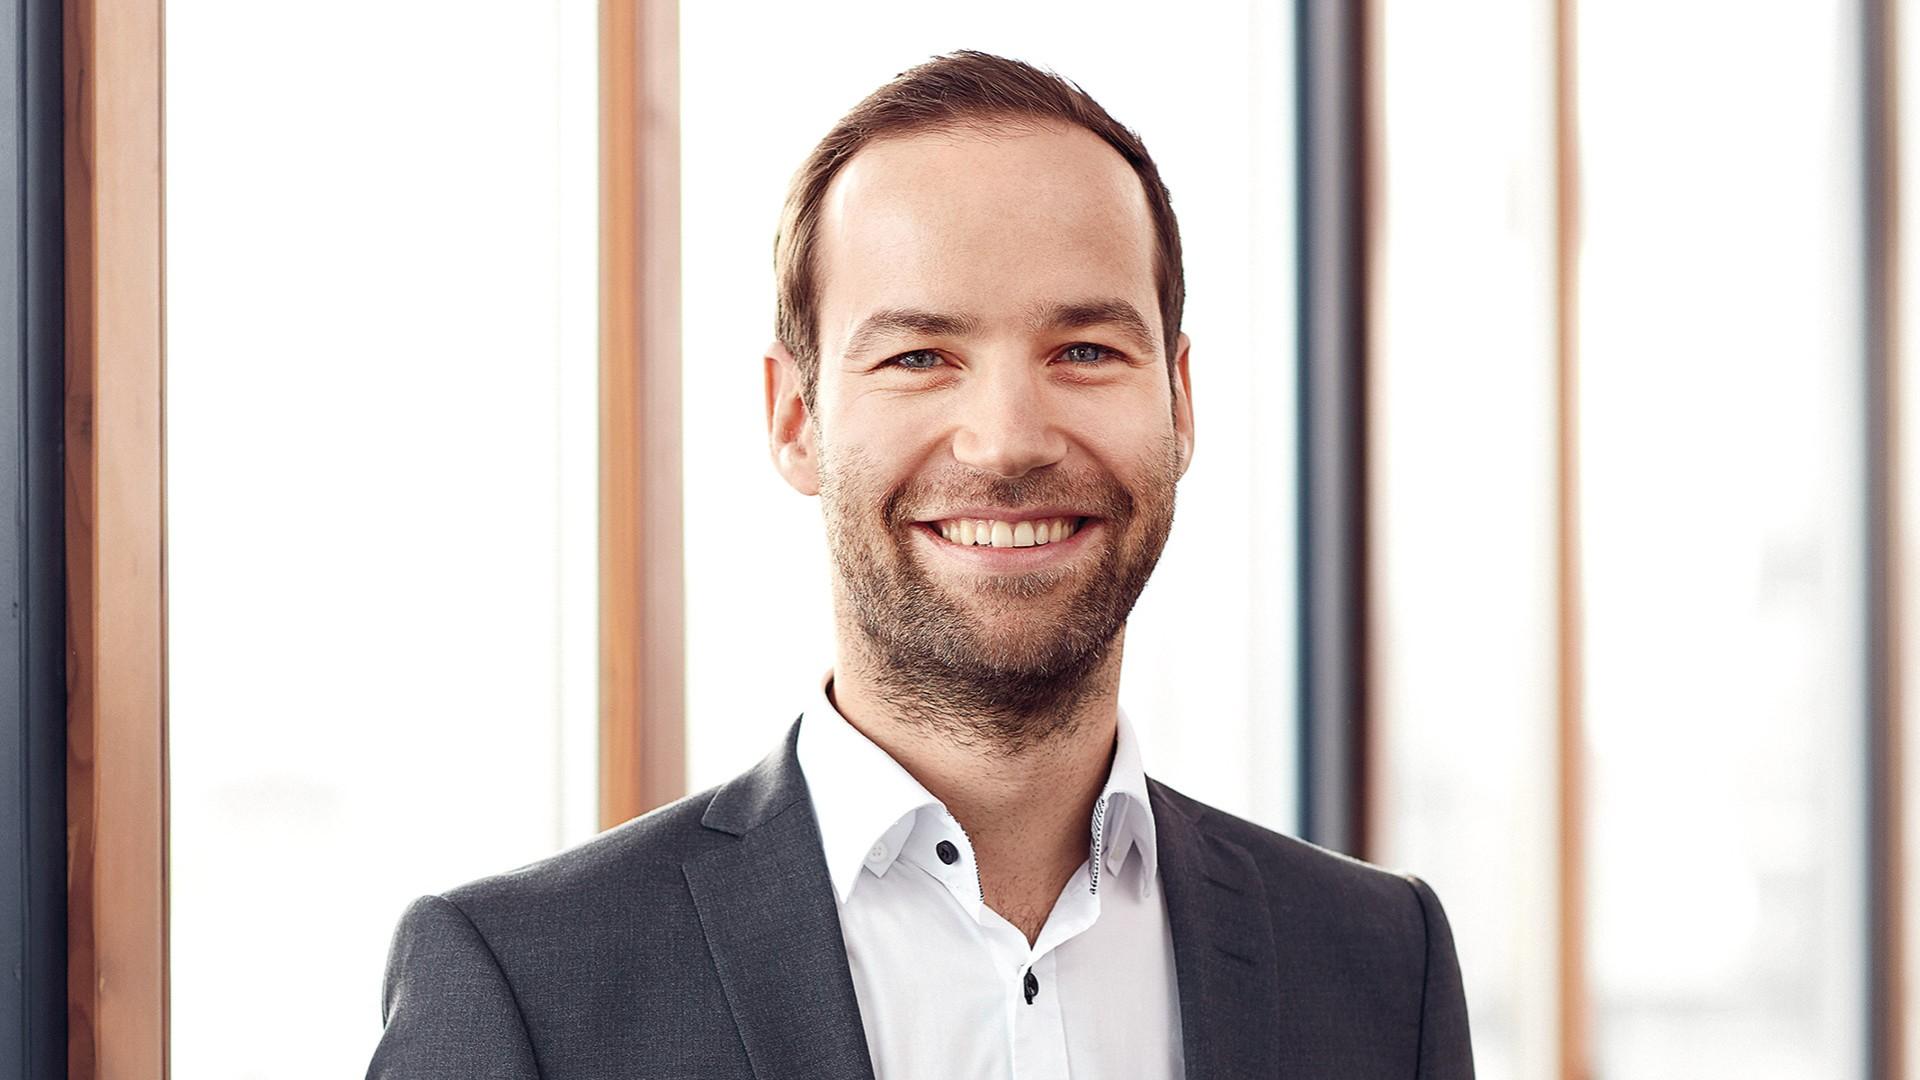 Christoph Hoelzl, Press Officer, SEG Automotive